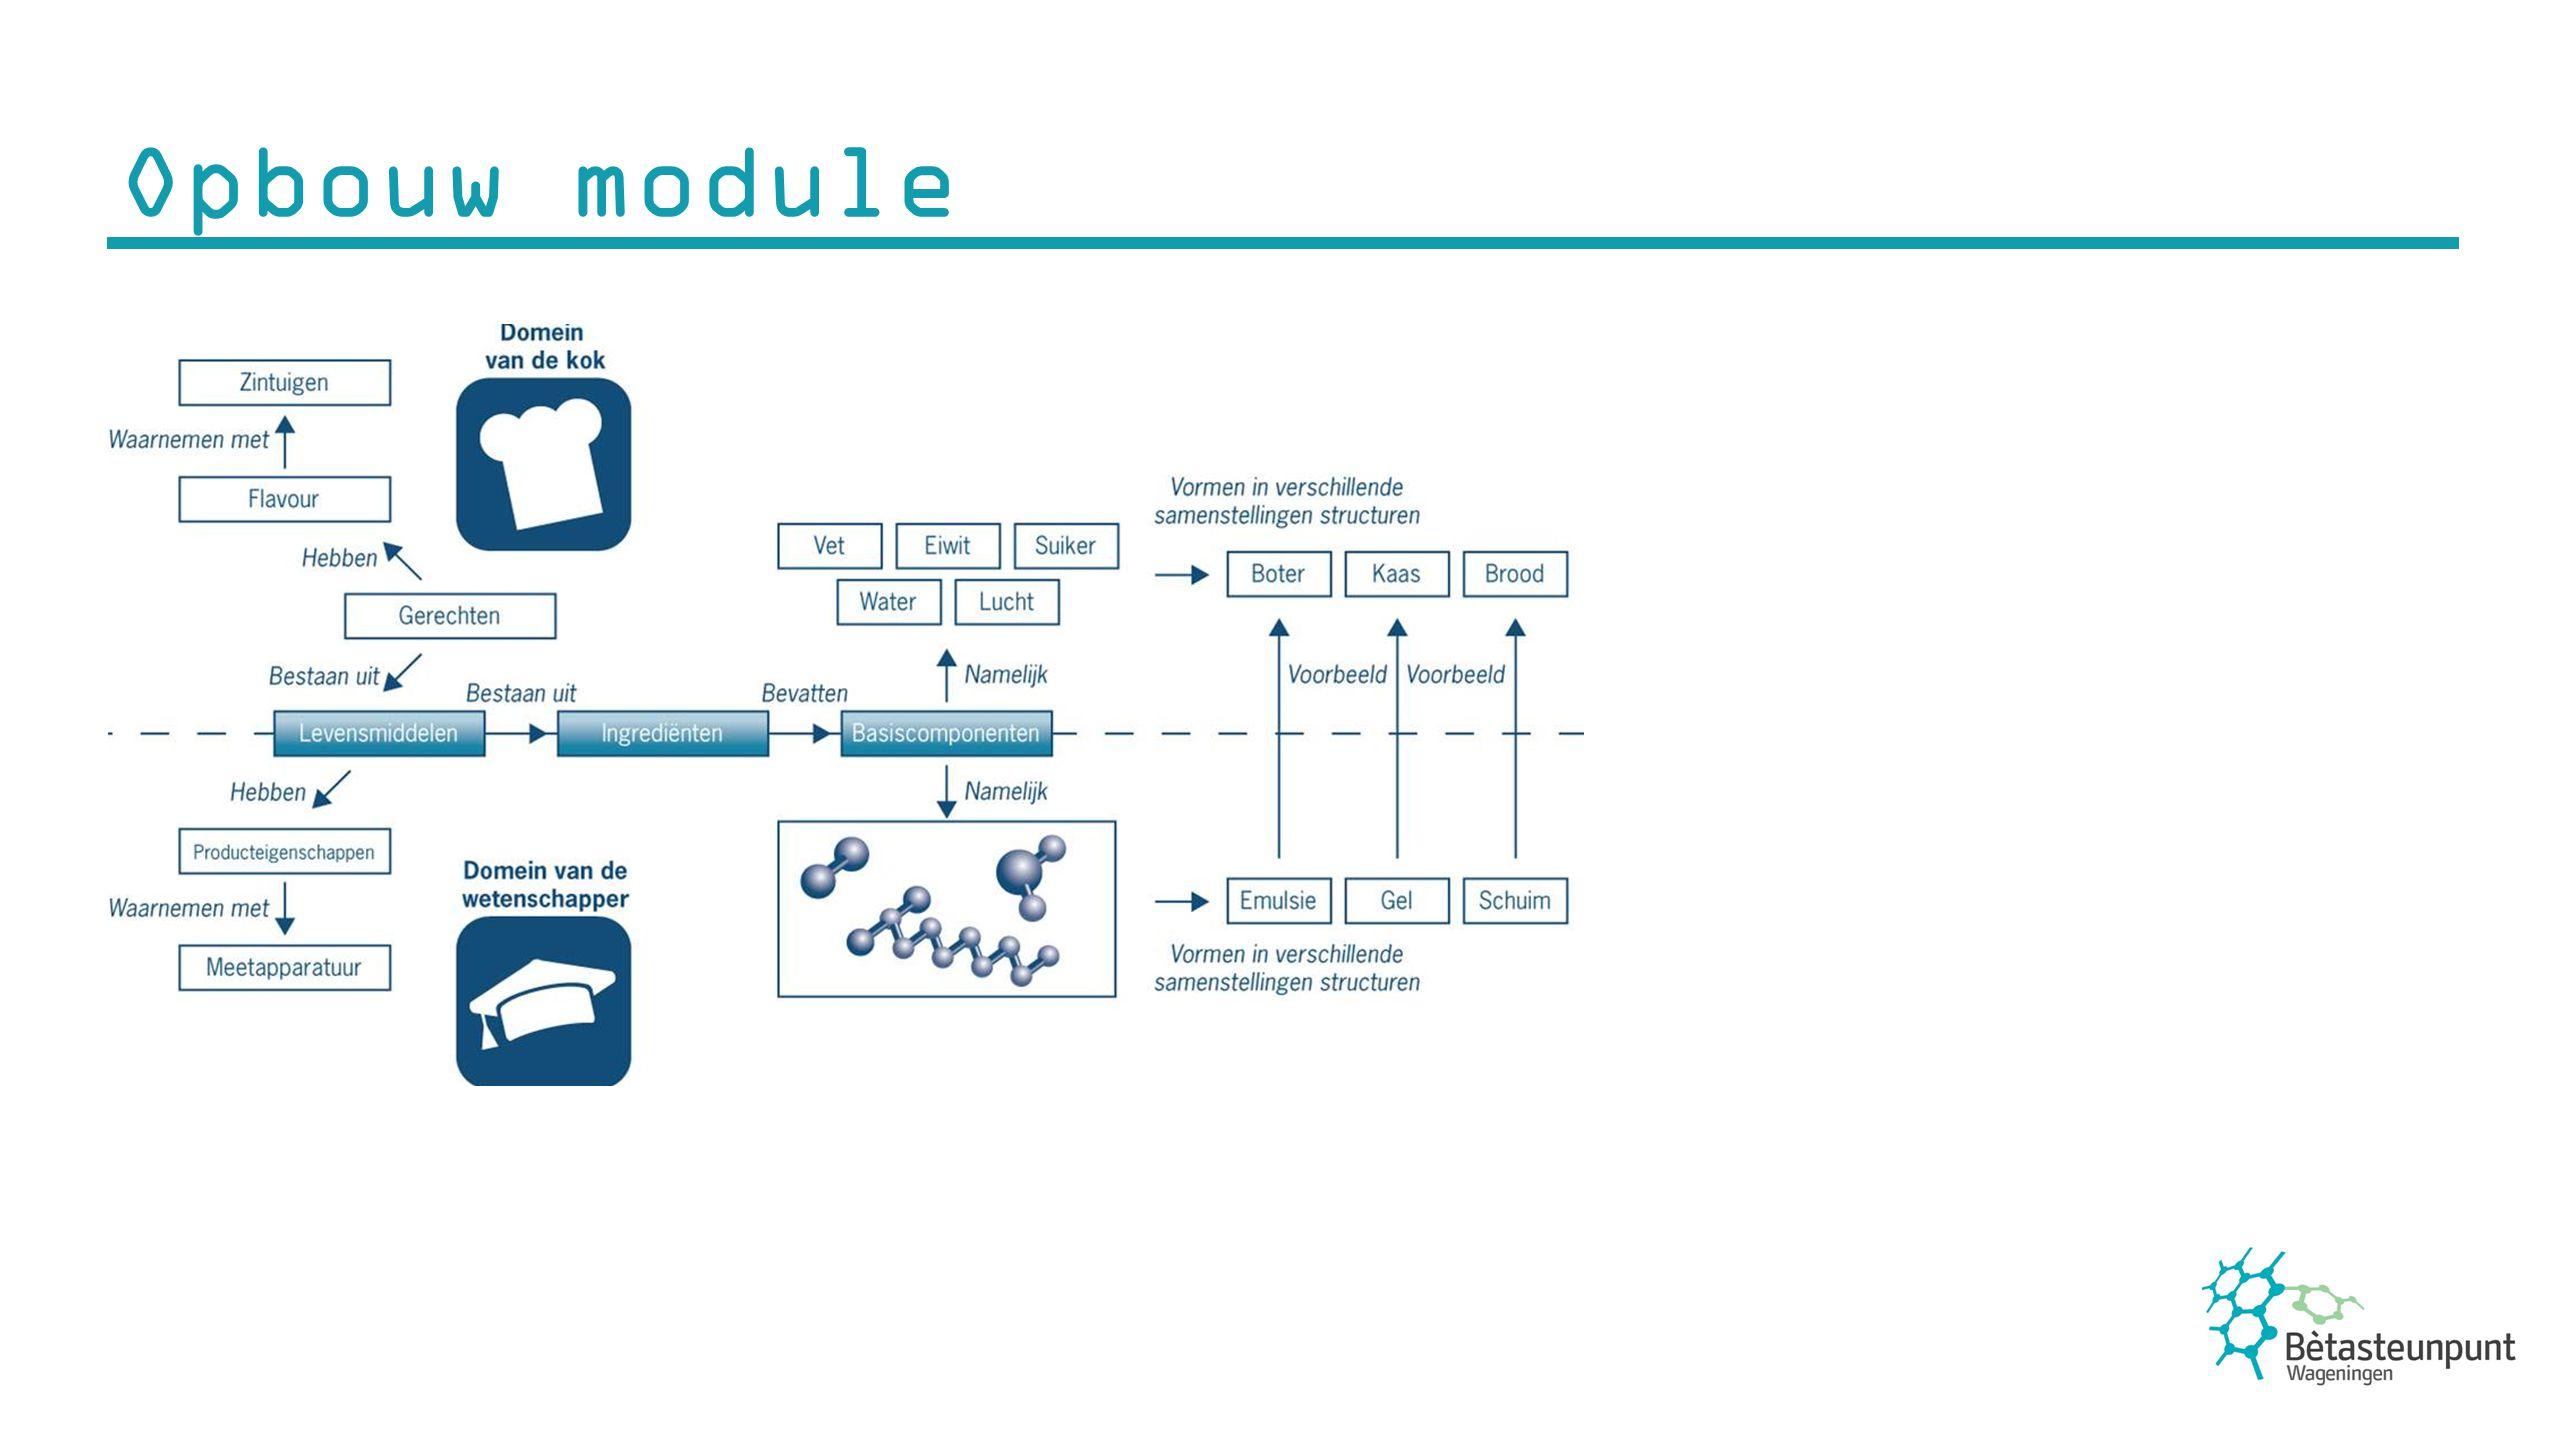 Opbouw module melk/ boter / mayonaise vloeistof / vloeistof Water / olie verhouding, emulgator: